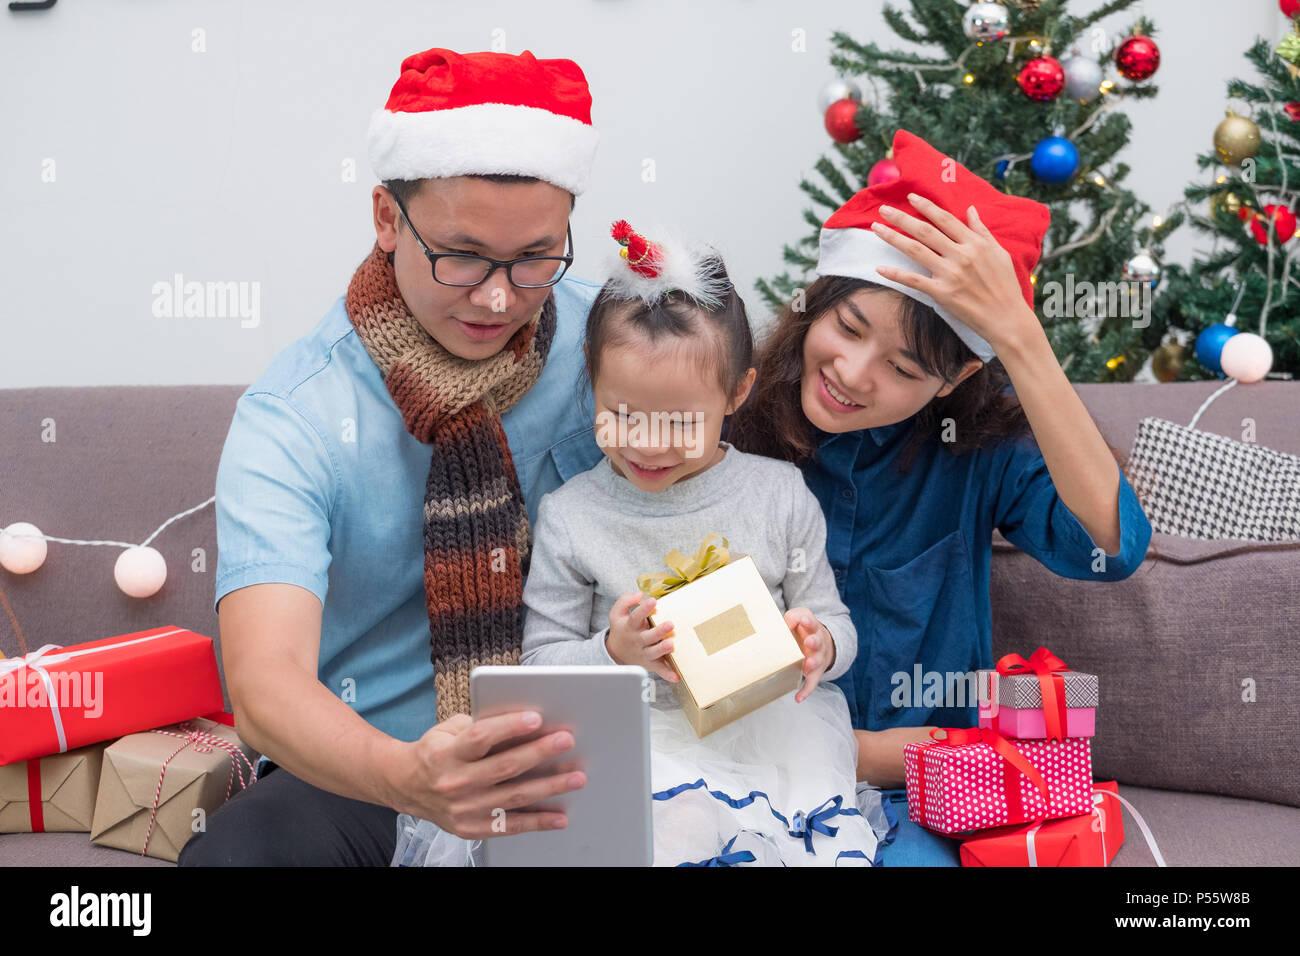 Asie famille heureuse avec selfies comprimé au canapé,père et mère porter santa claus hat boîte cadeau de Noël donner à l'enfant chambre noël,Maison de célébrité Photo Stock